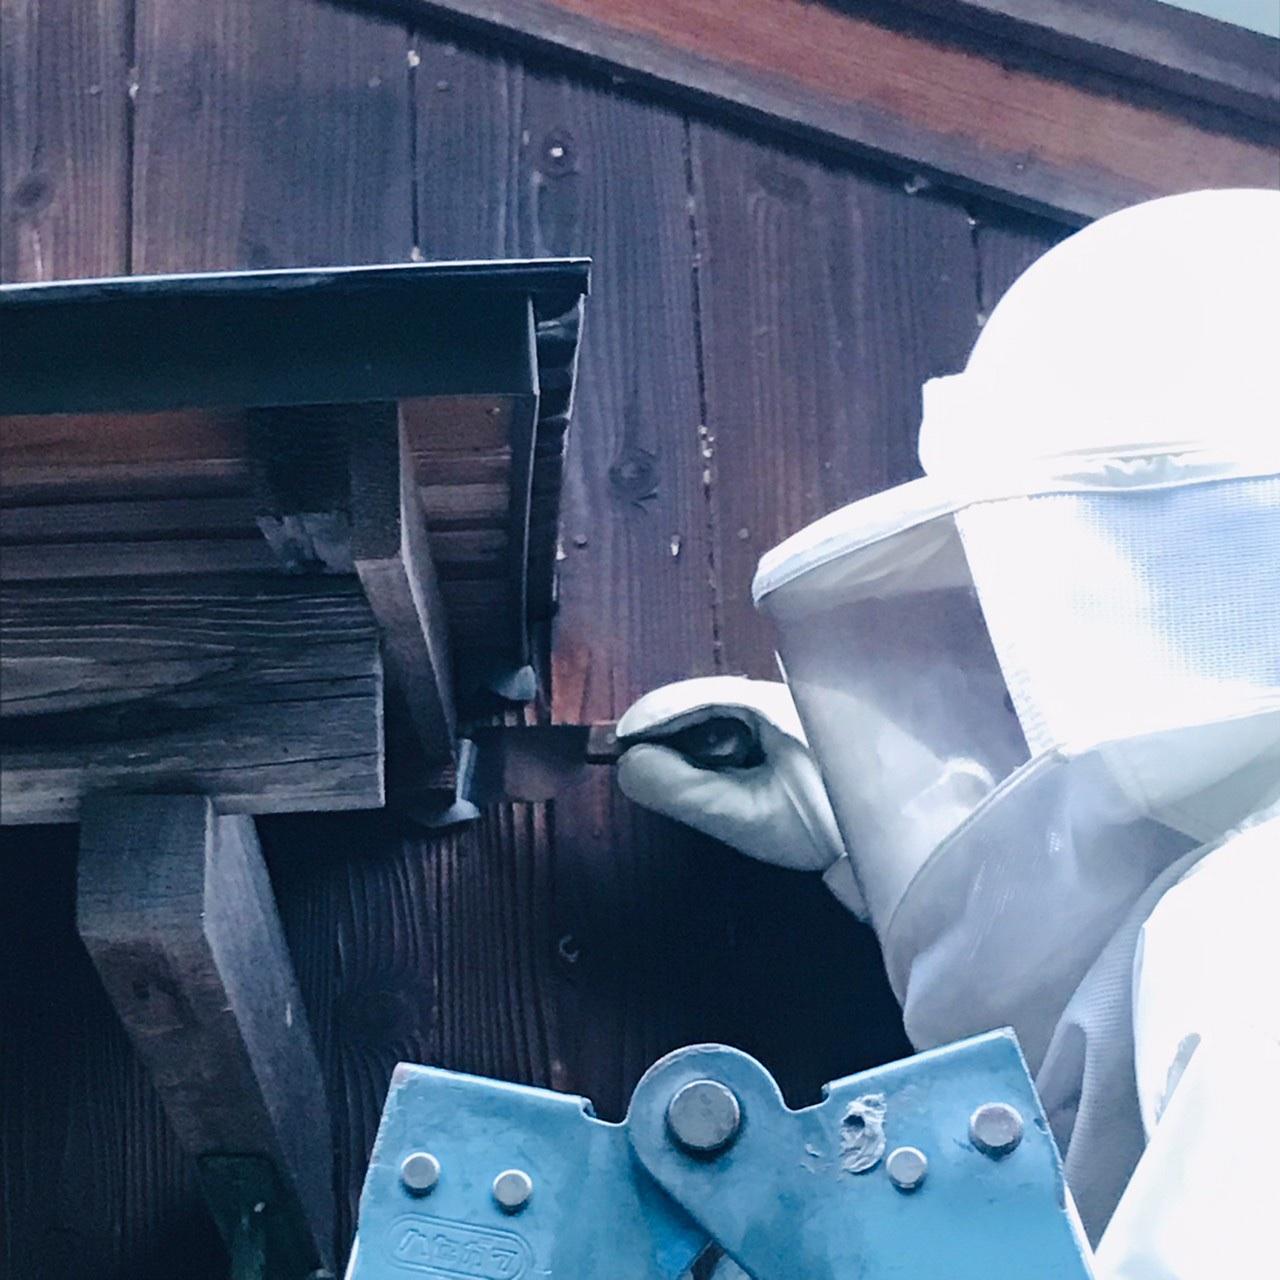 東近江市スズメバチ駆除、外壁すき間のキイロスズメバチ駆除